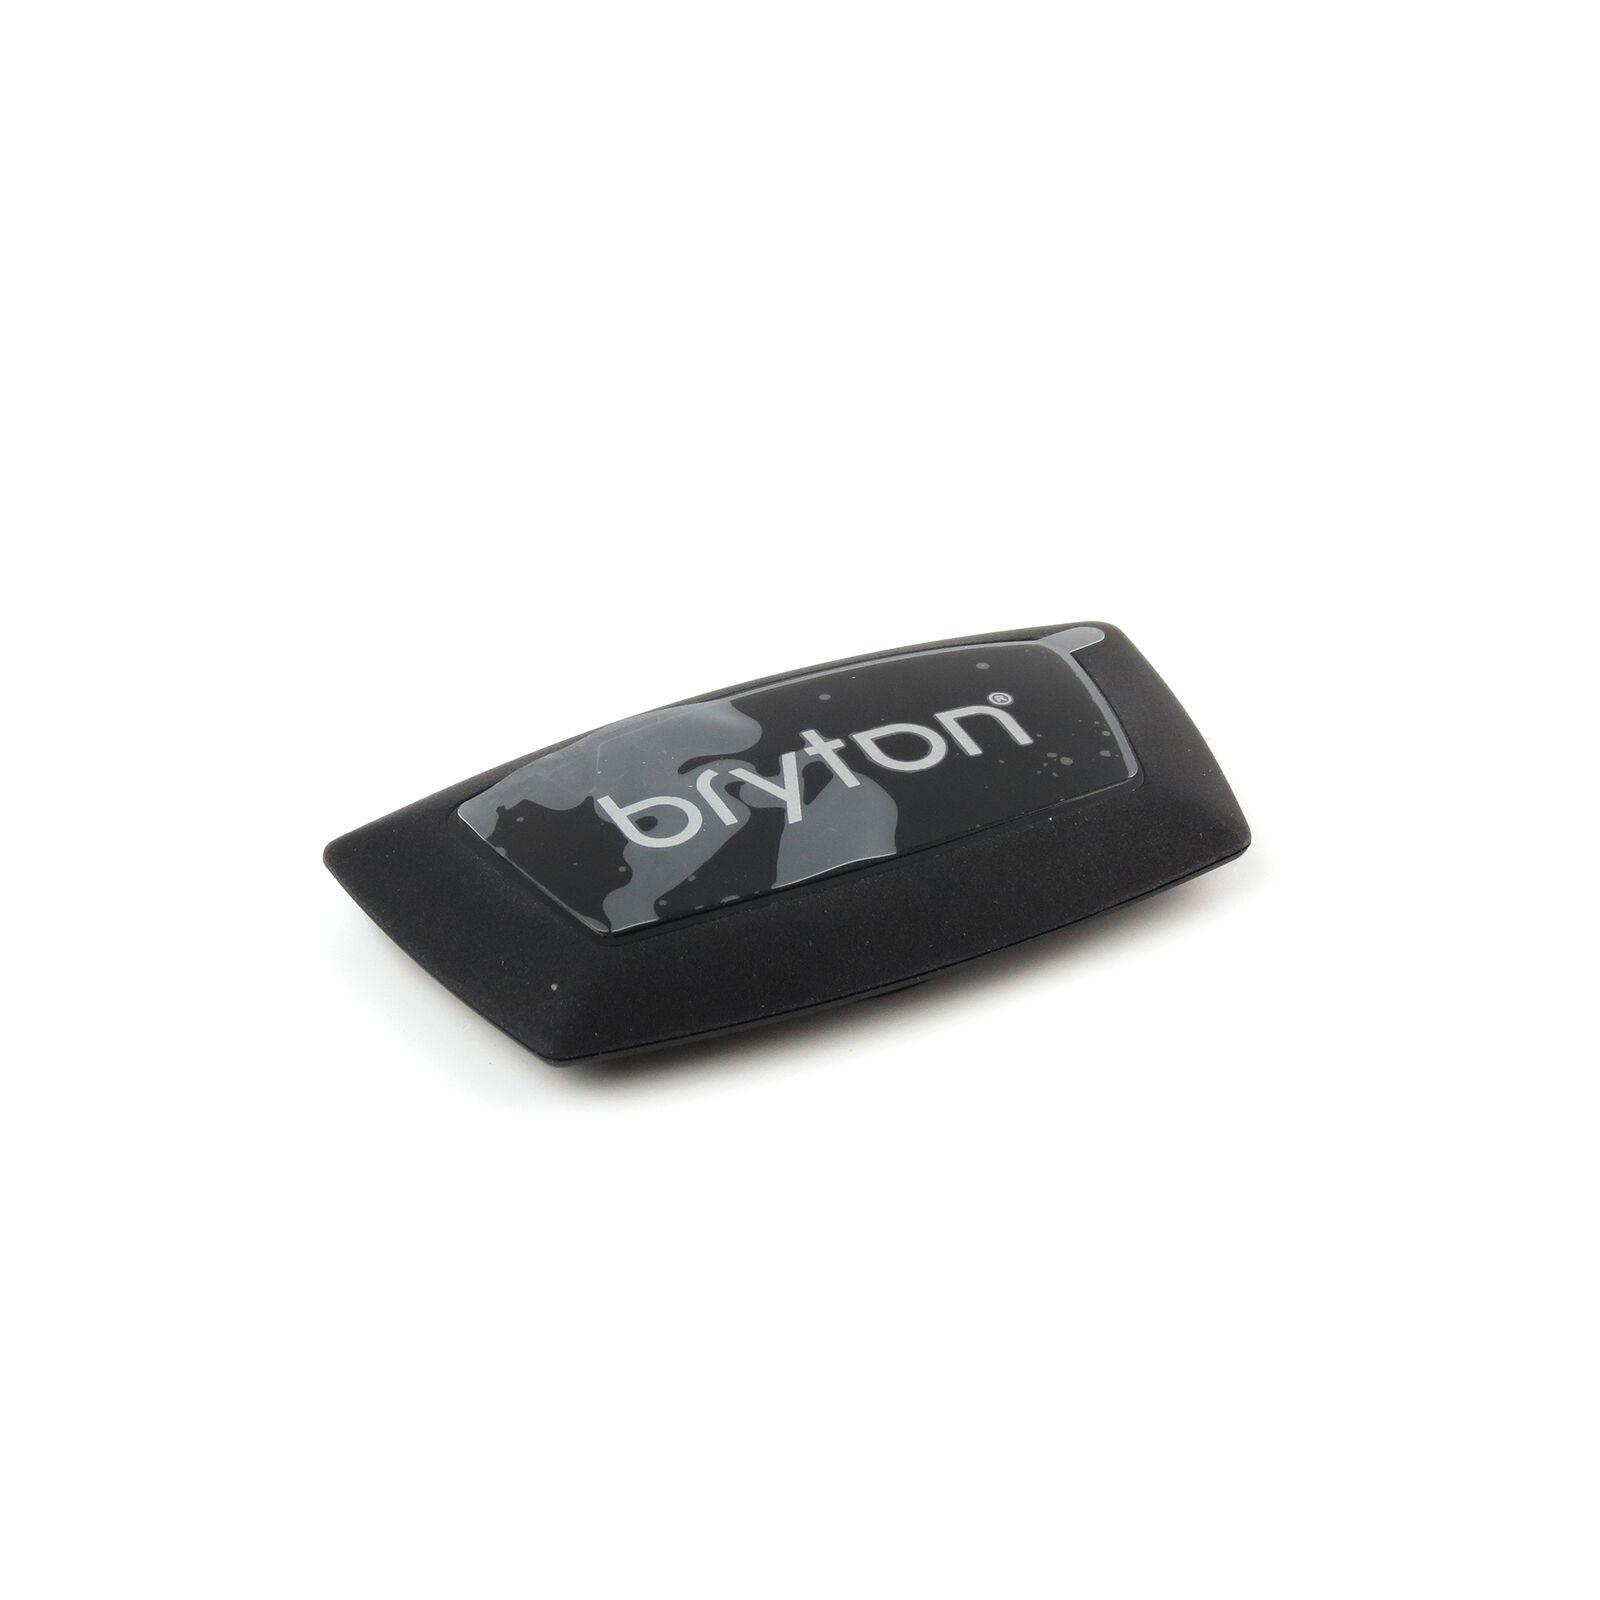 Bryton Smart Sensore di Frequenza Cardiaca Monitor per Bicicletta Ciclismo Computer GPS